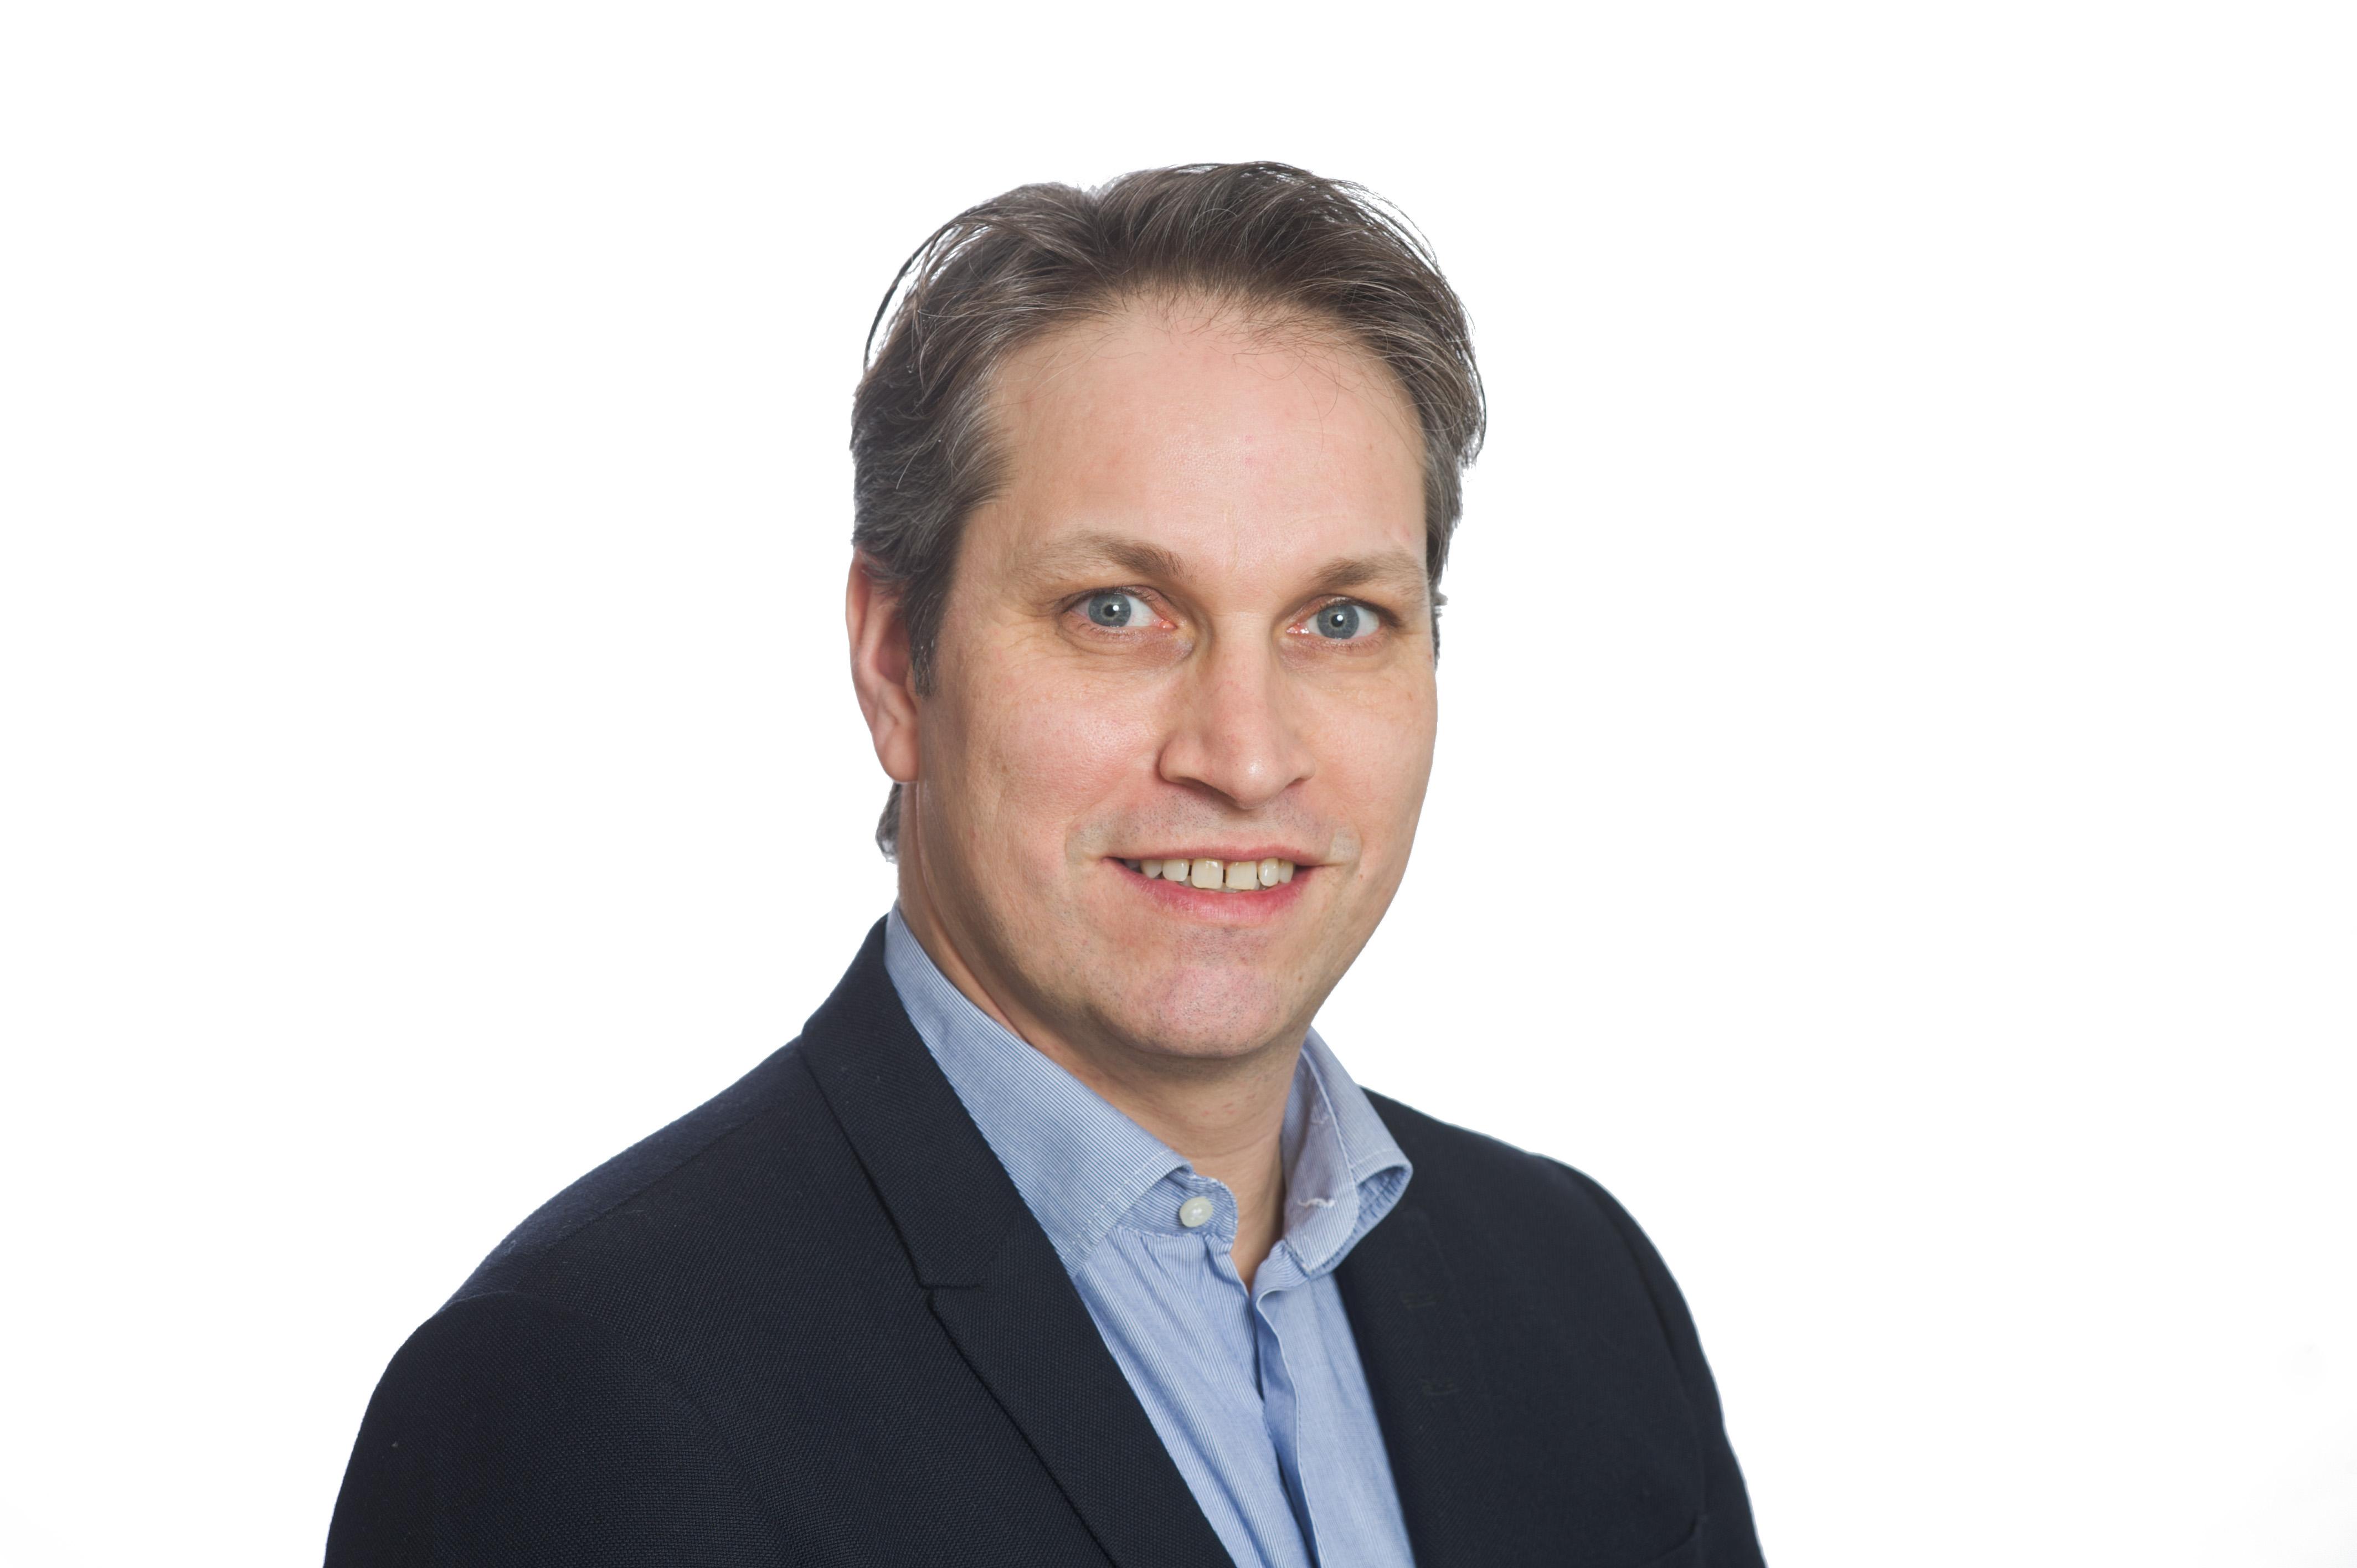 Peter Hermod har solgt sin ejerandel i Eventcom og netop åbnet sit eget erhvervsrejsebureau. Privatfoto.